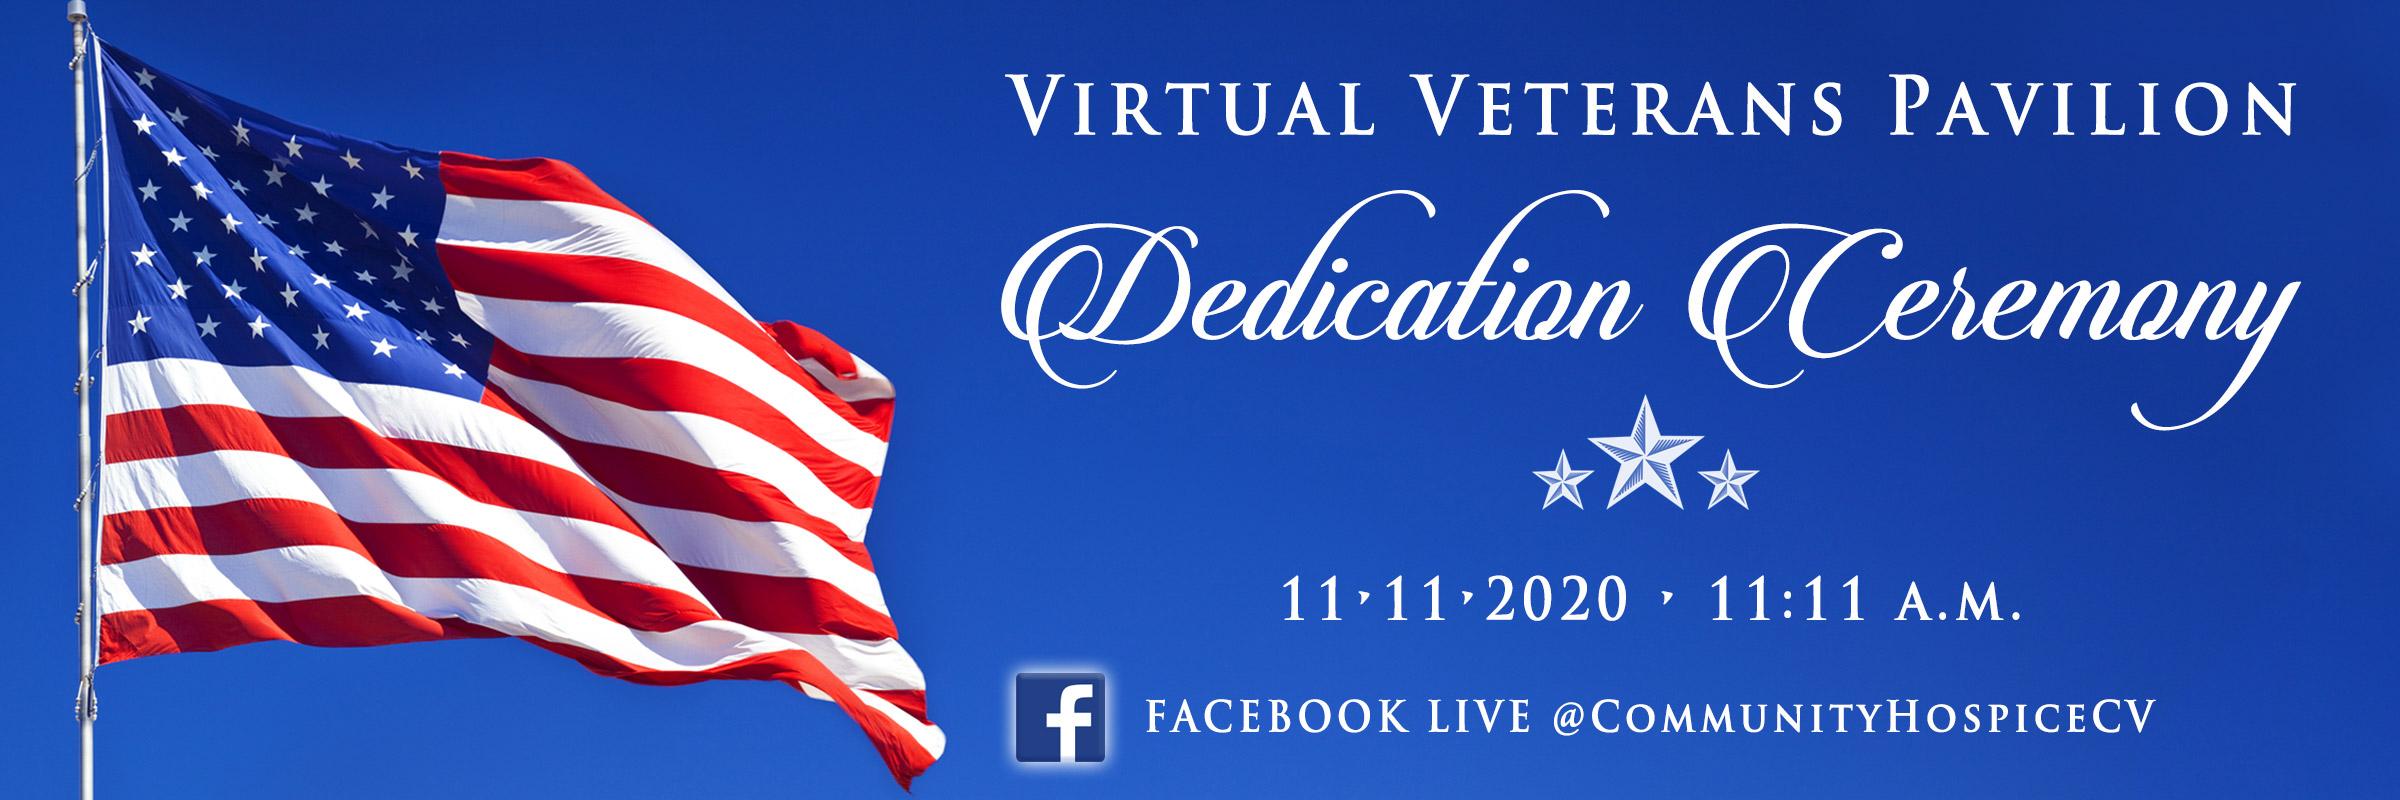 Veterans-Pavilion-Carousel